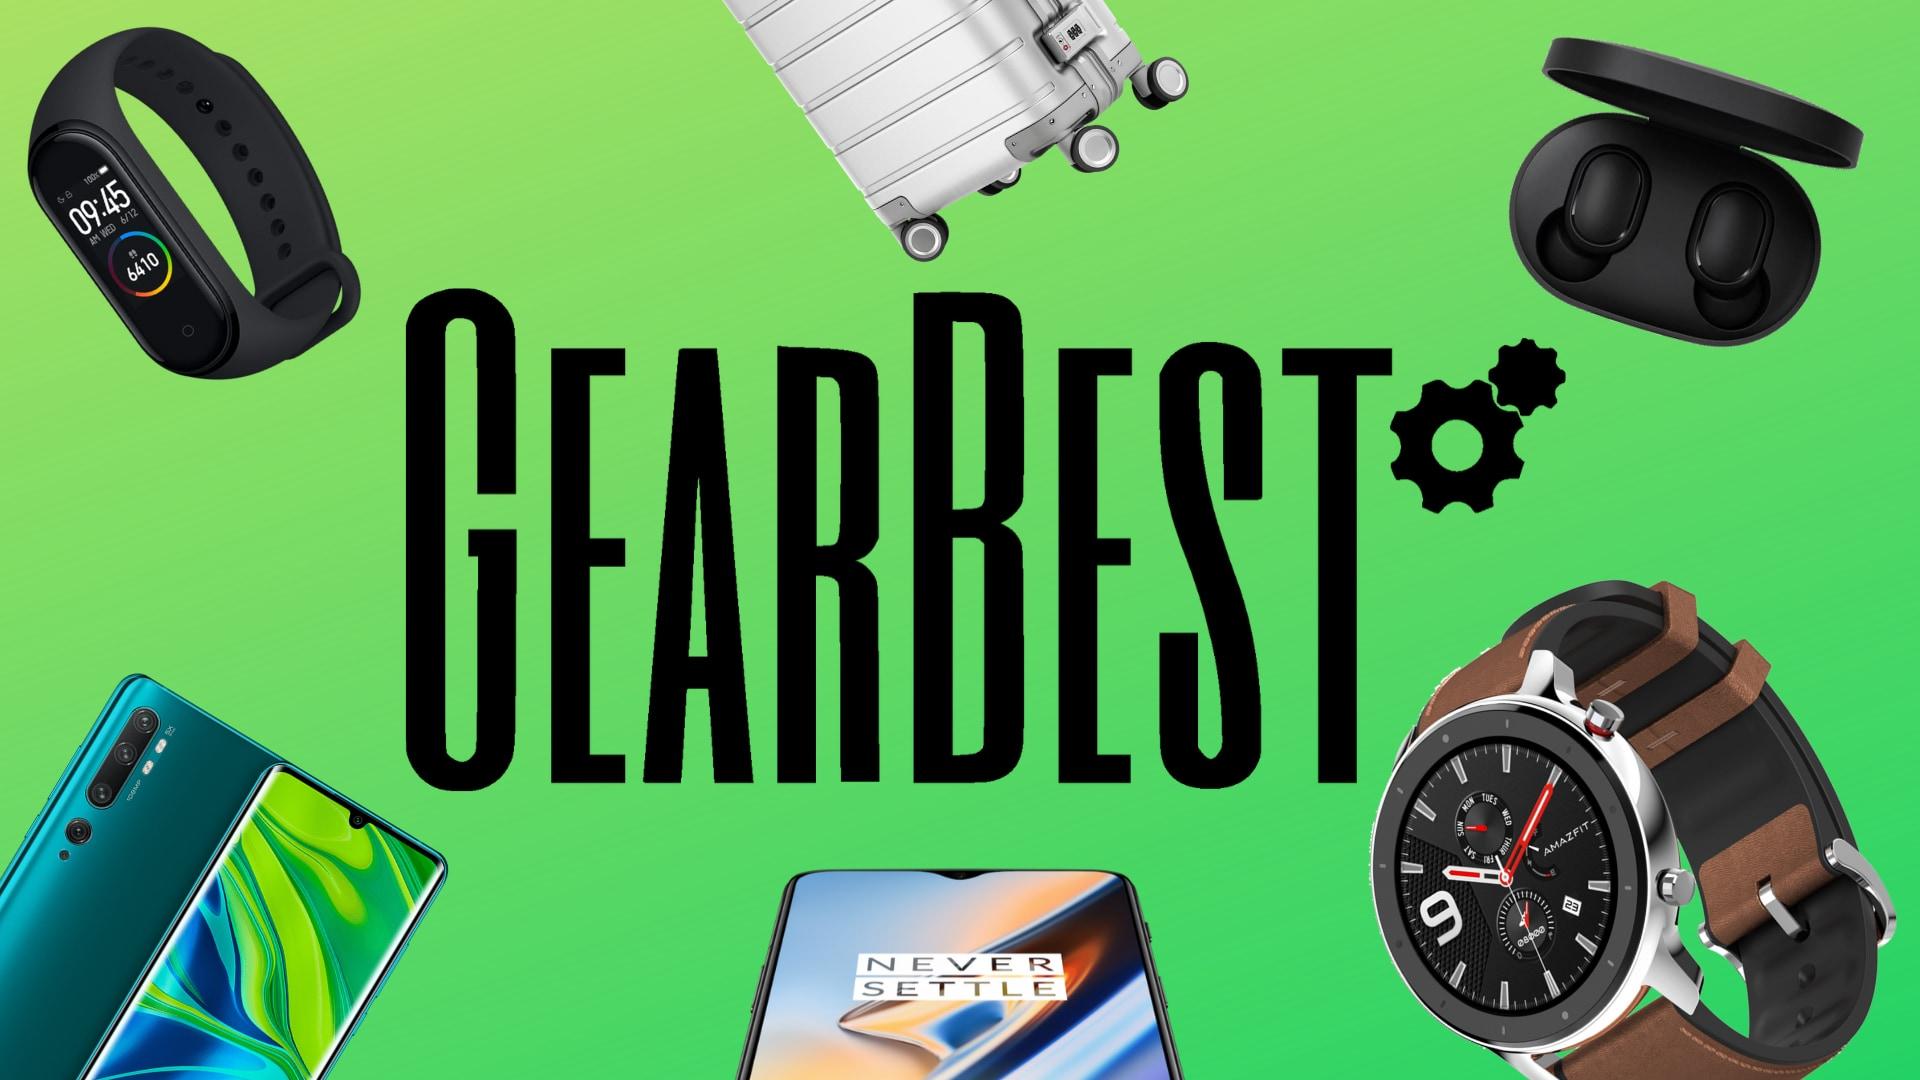 Offerte Gearbest: POCO F2 Pro, Oneplus 8 e zaino Xiaomi a 5€ tra le migliori di oggi